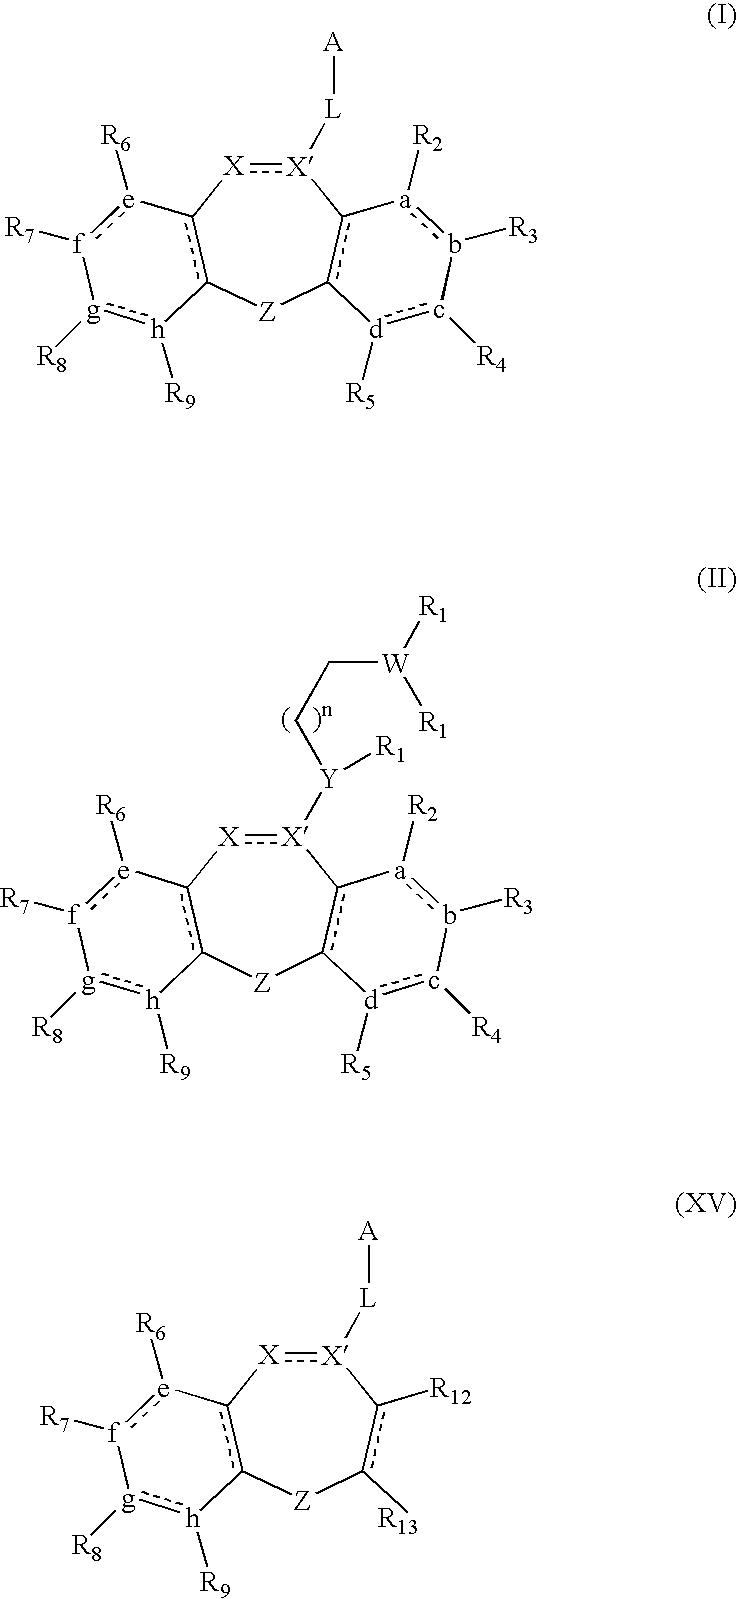 Figure US20060252744A1-20061109-C00001